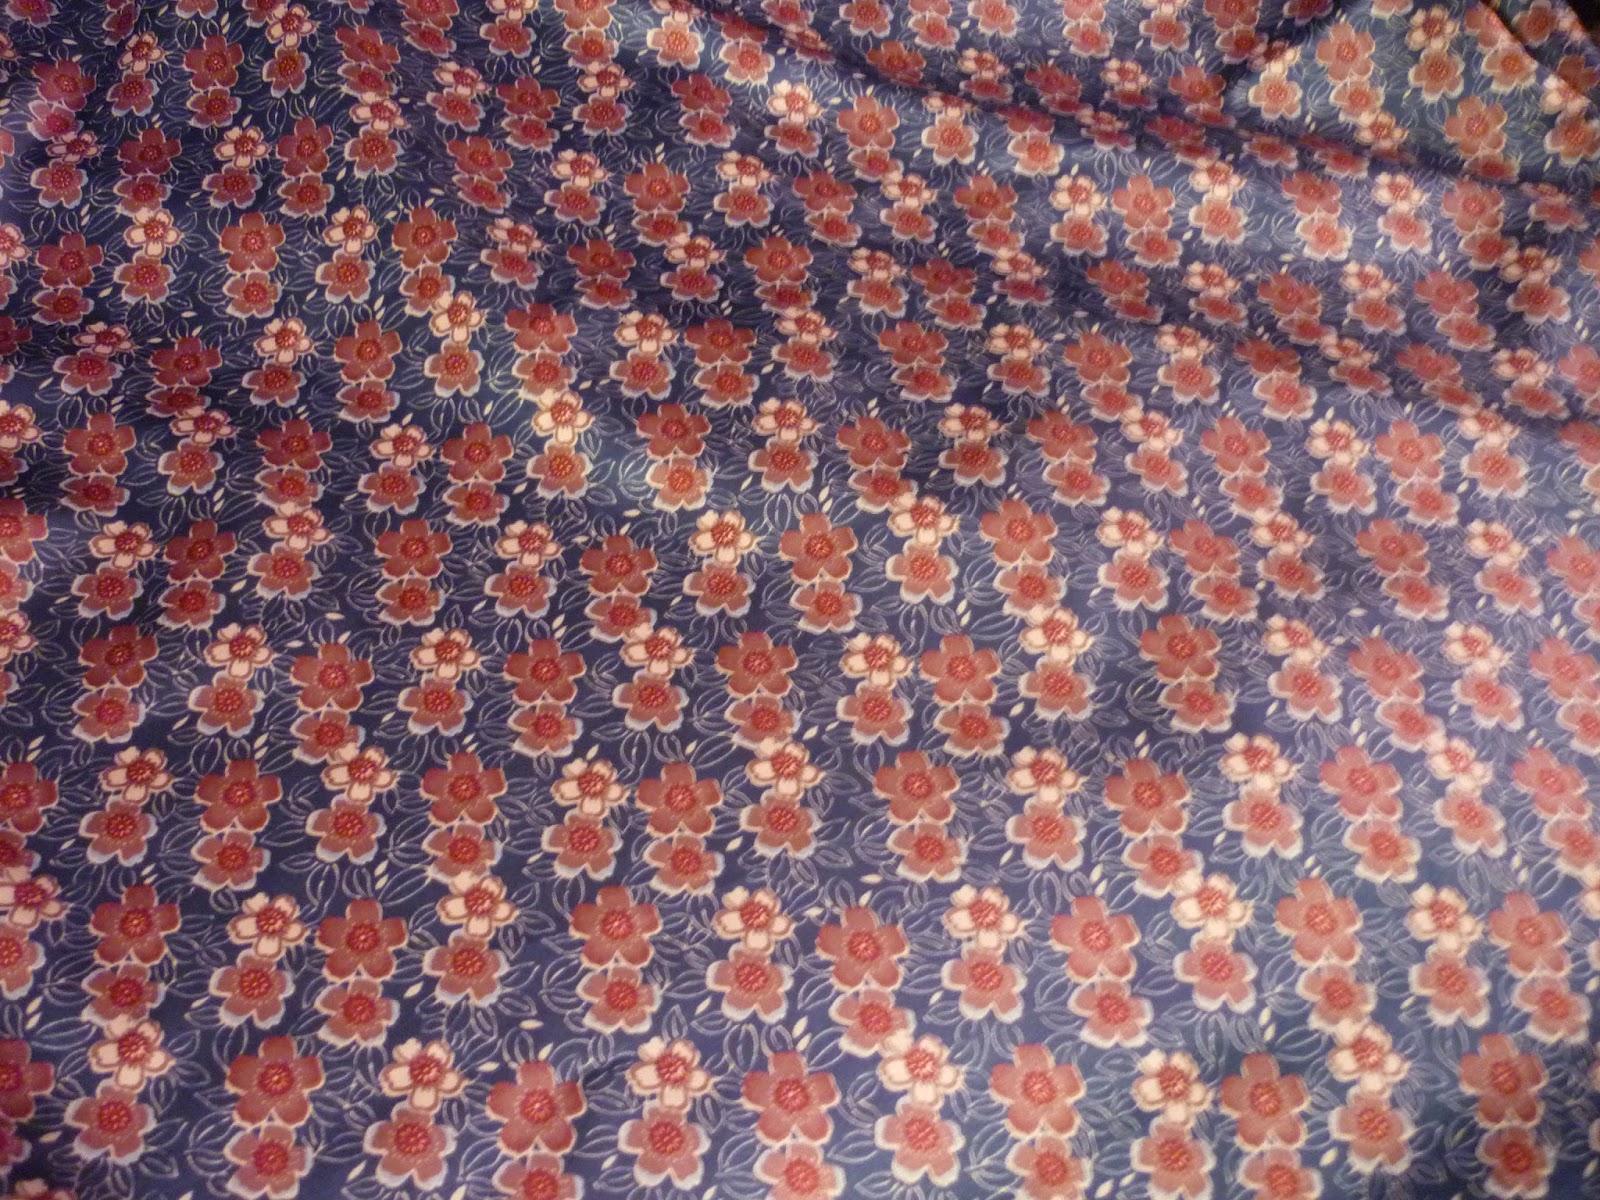 revista patrones 341 blusa 16 modistilla de pacotilla